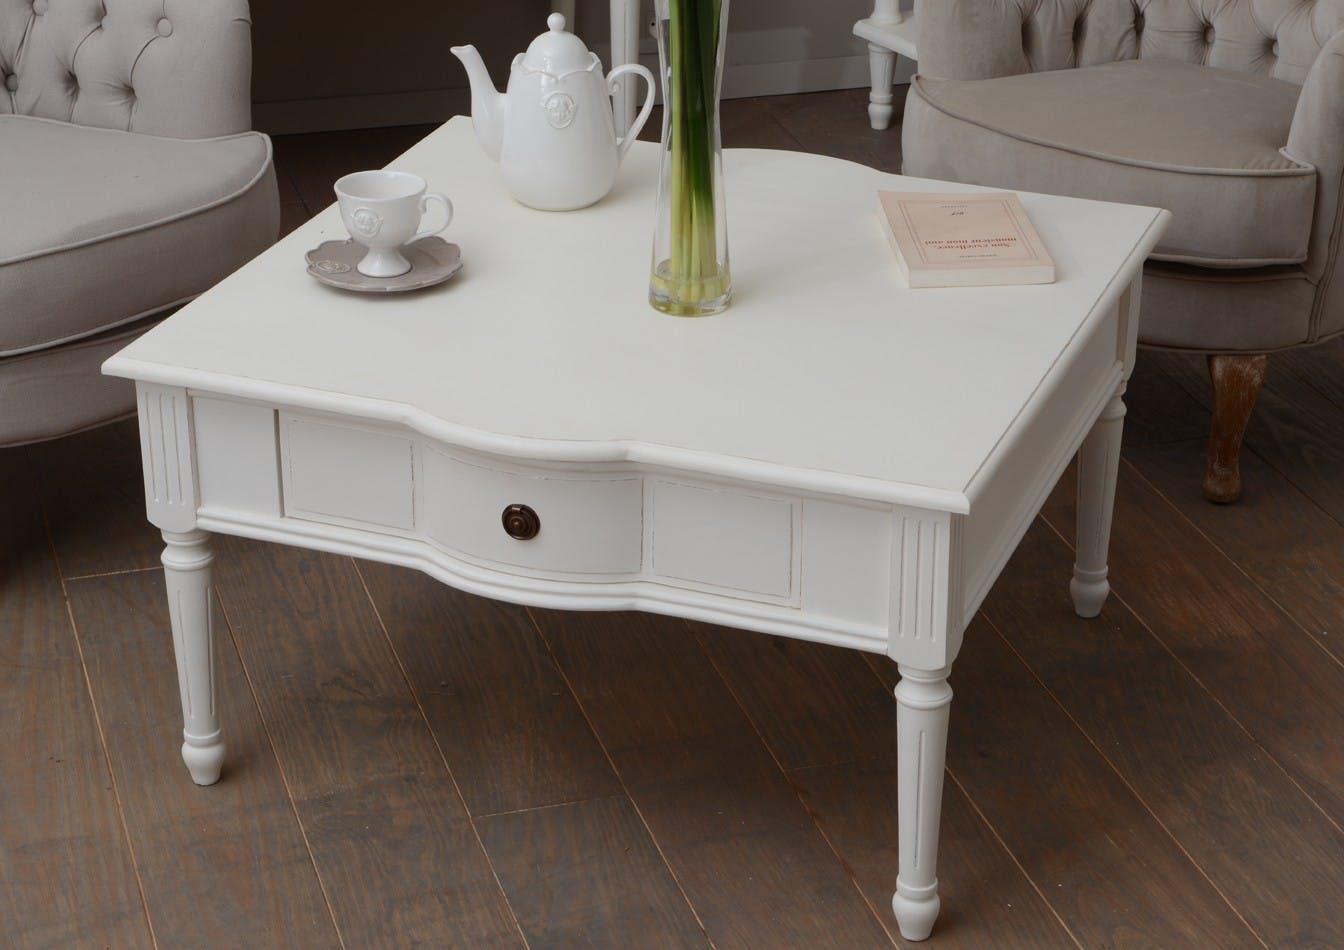 Table basse Classique Chic 1 tiroir AGATHE Long 80 X Larg 80 X H 45 Blanc Antique ADAMEUS